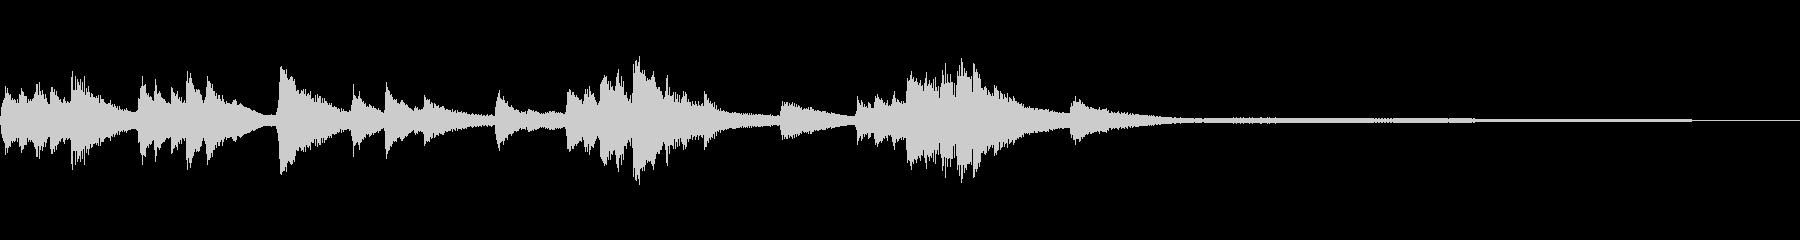 和風のジングル9b-タックピアノの未再生の波形